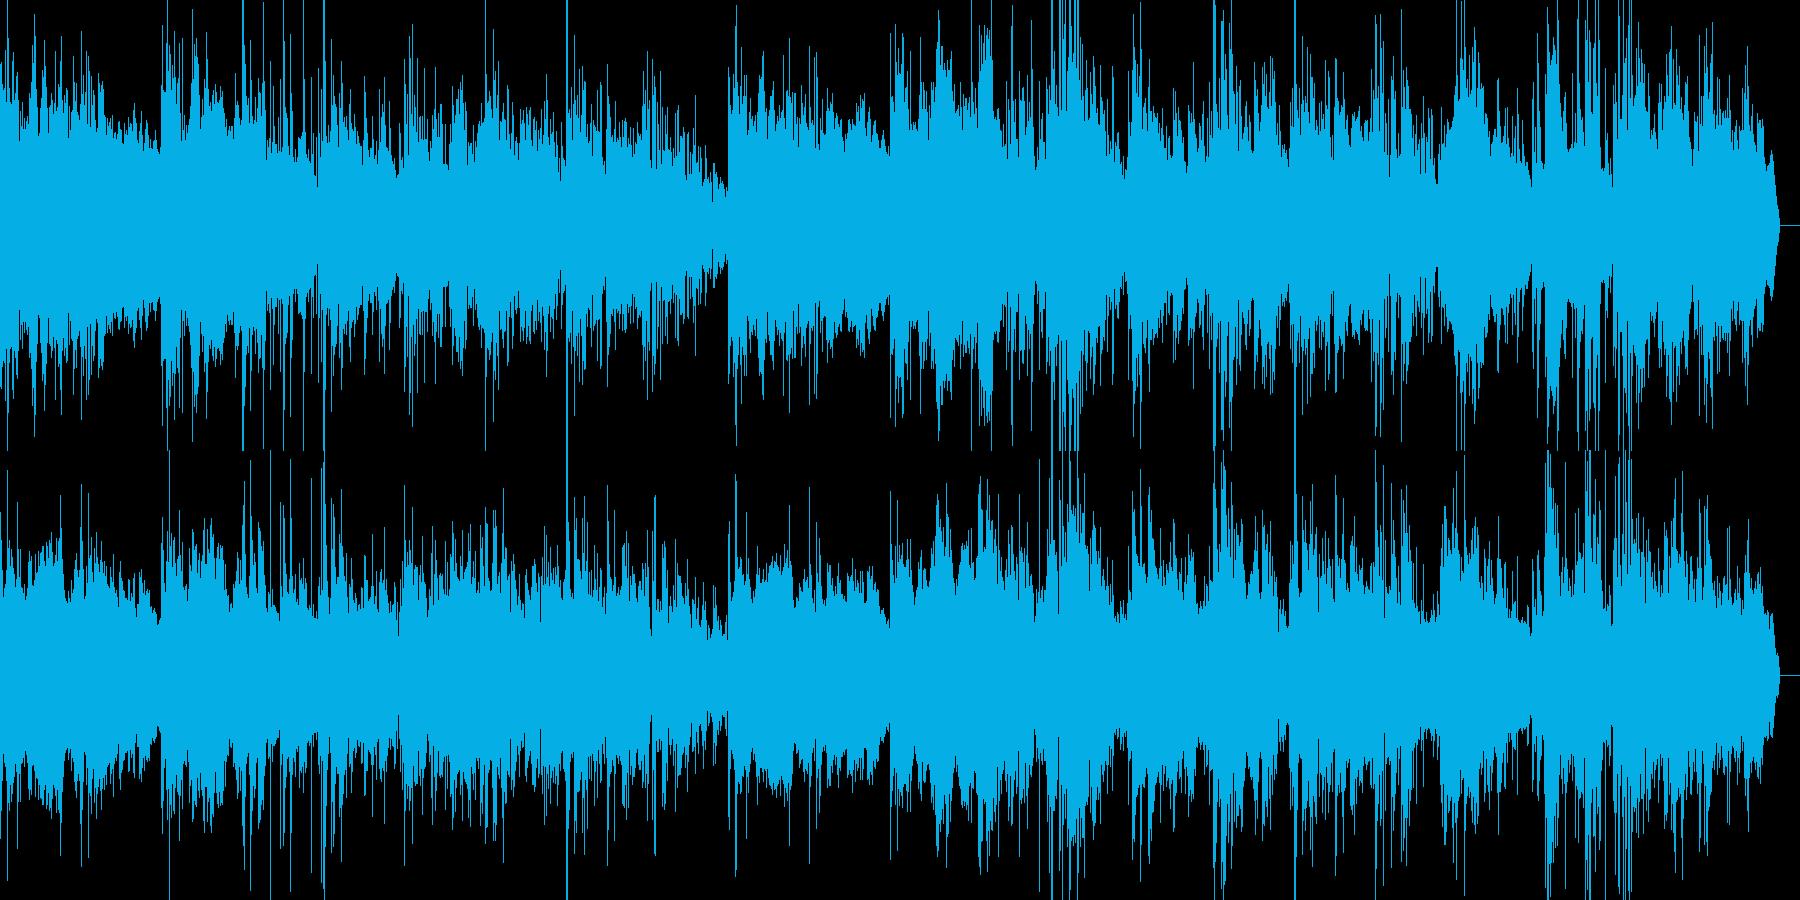 森の朝をイメージしたヒーリング音楽の再生済みの波形